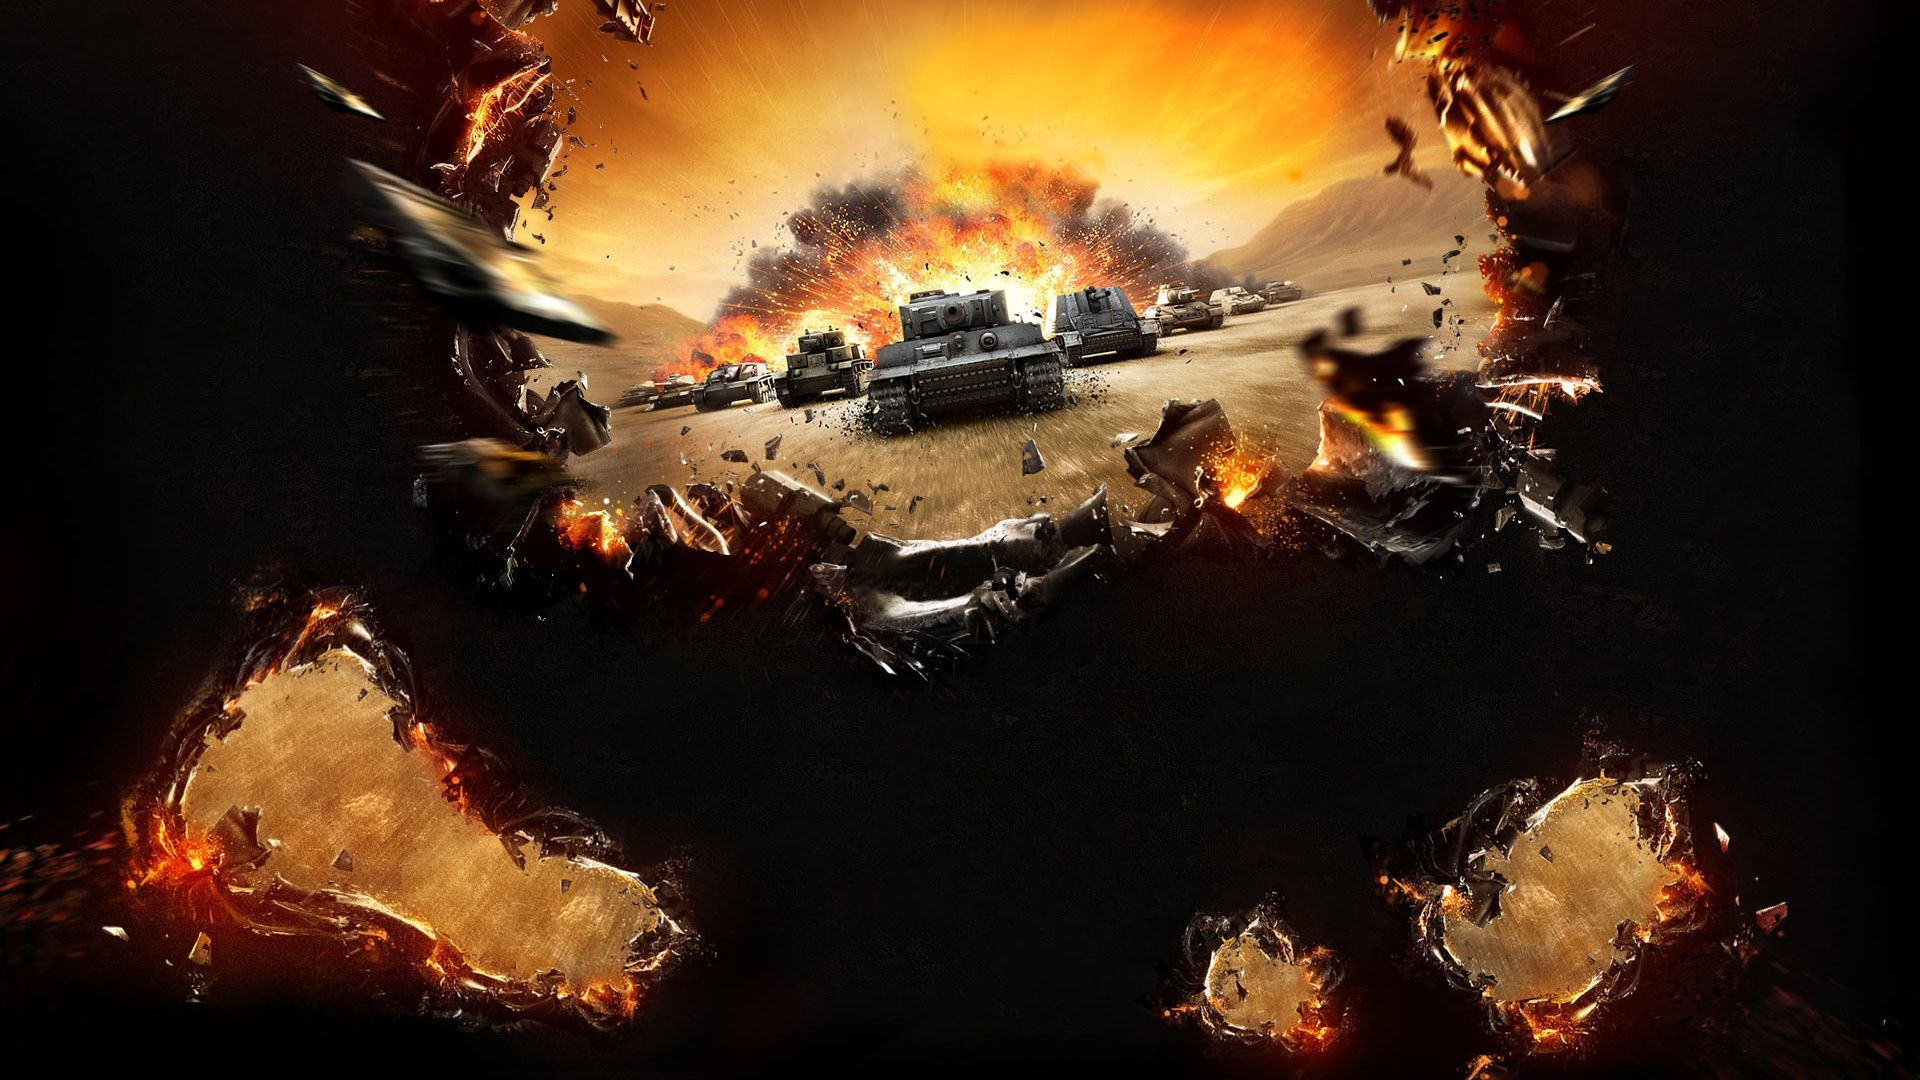 скачать живые обои на рабочий стол танки world of tanks № 20225 загрузить